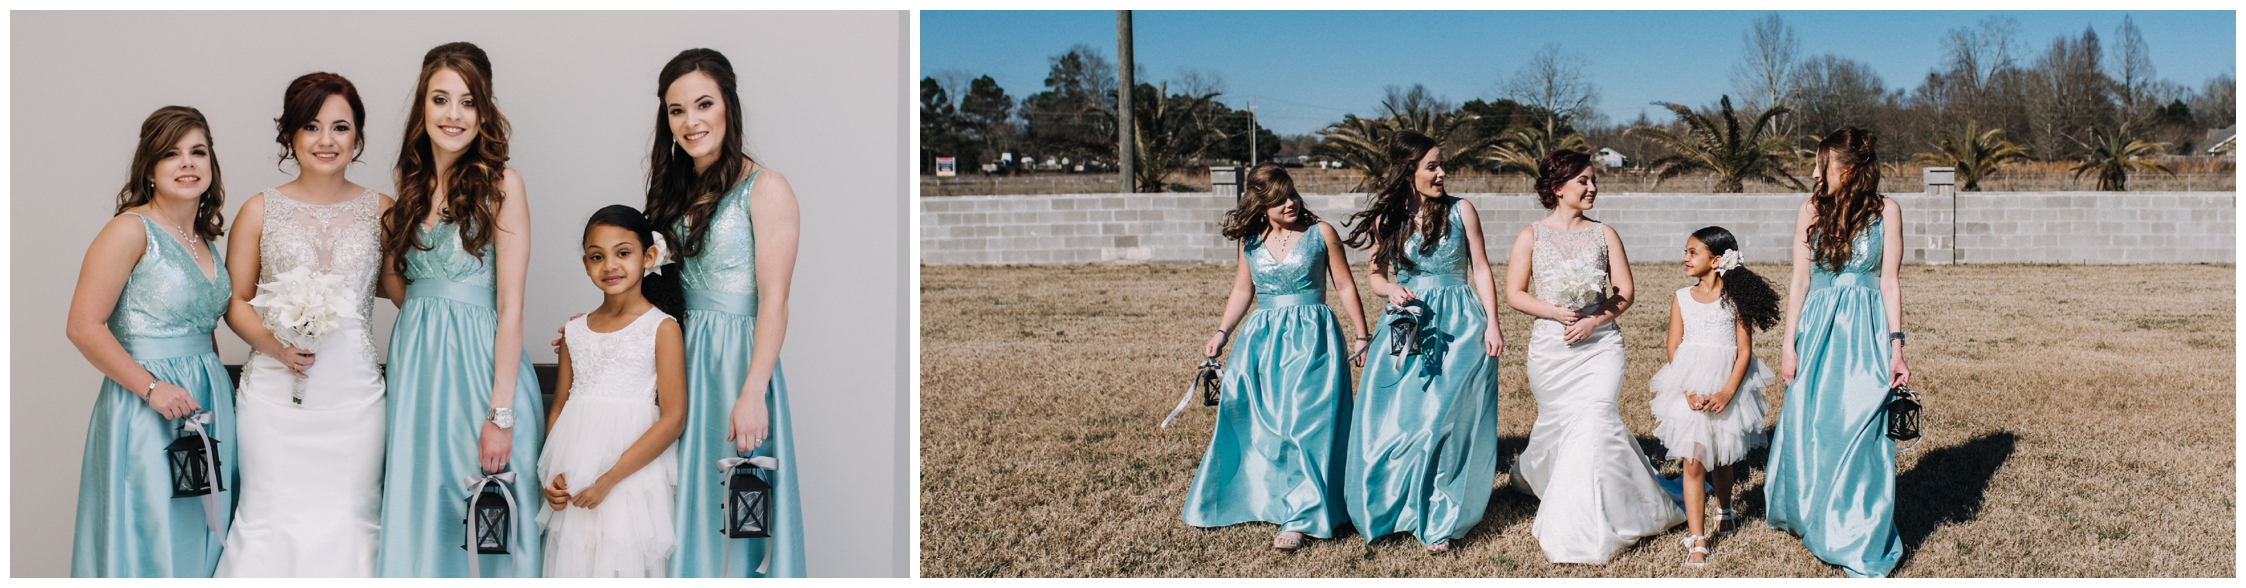 Wedding Photography-Baton Rouge